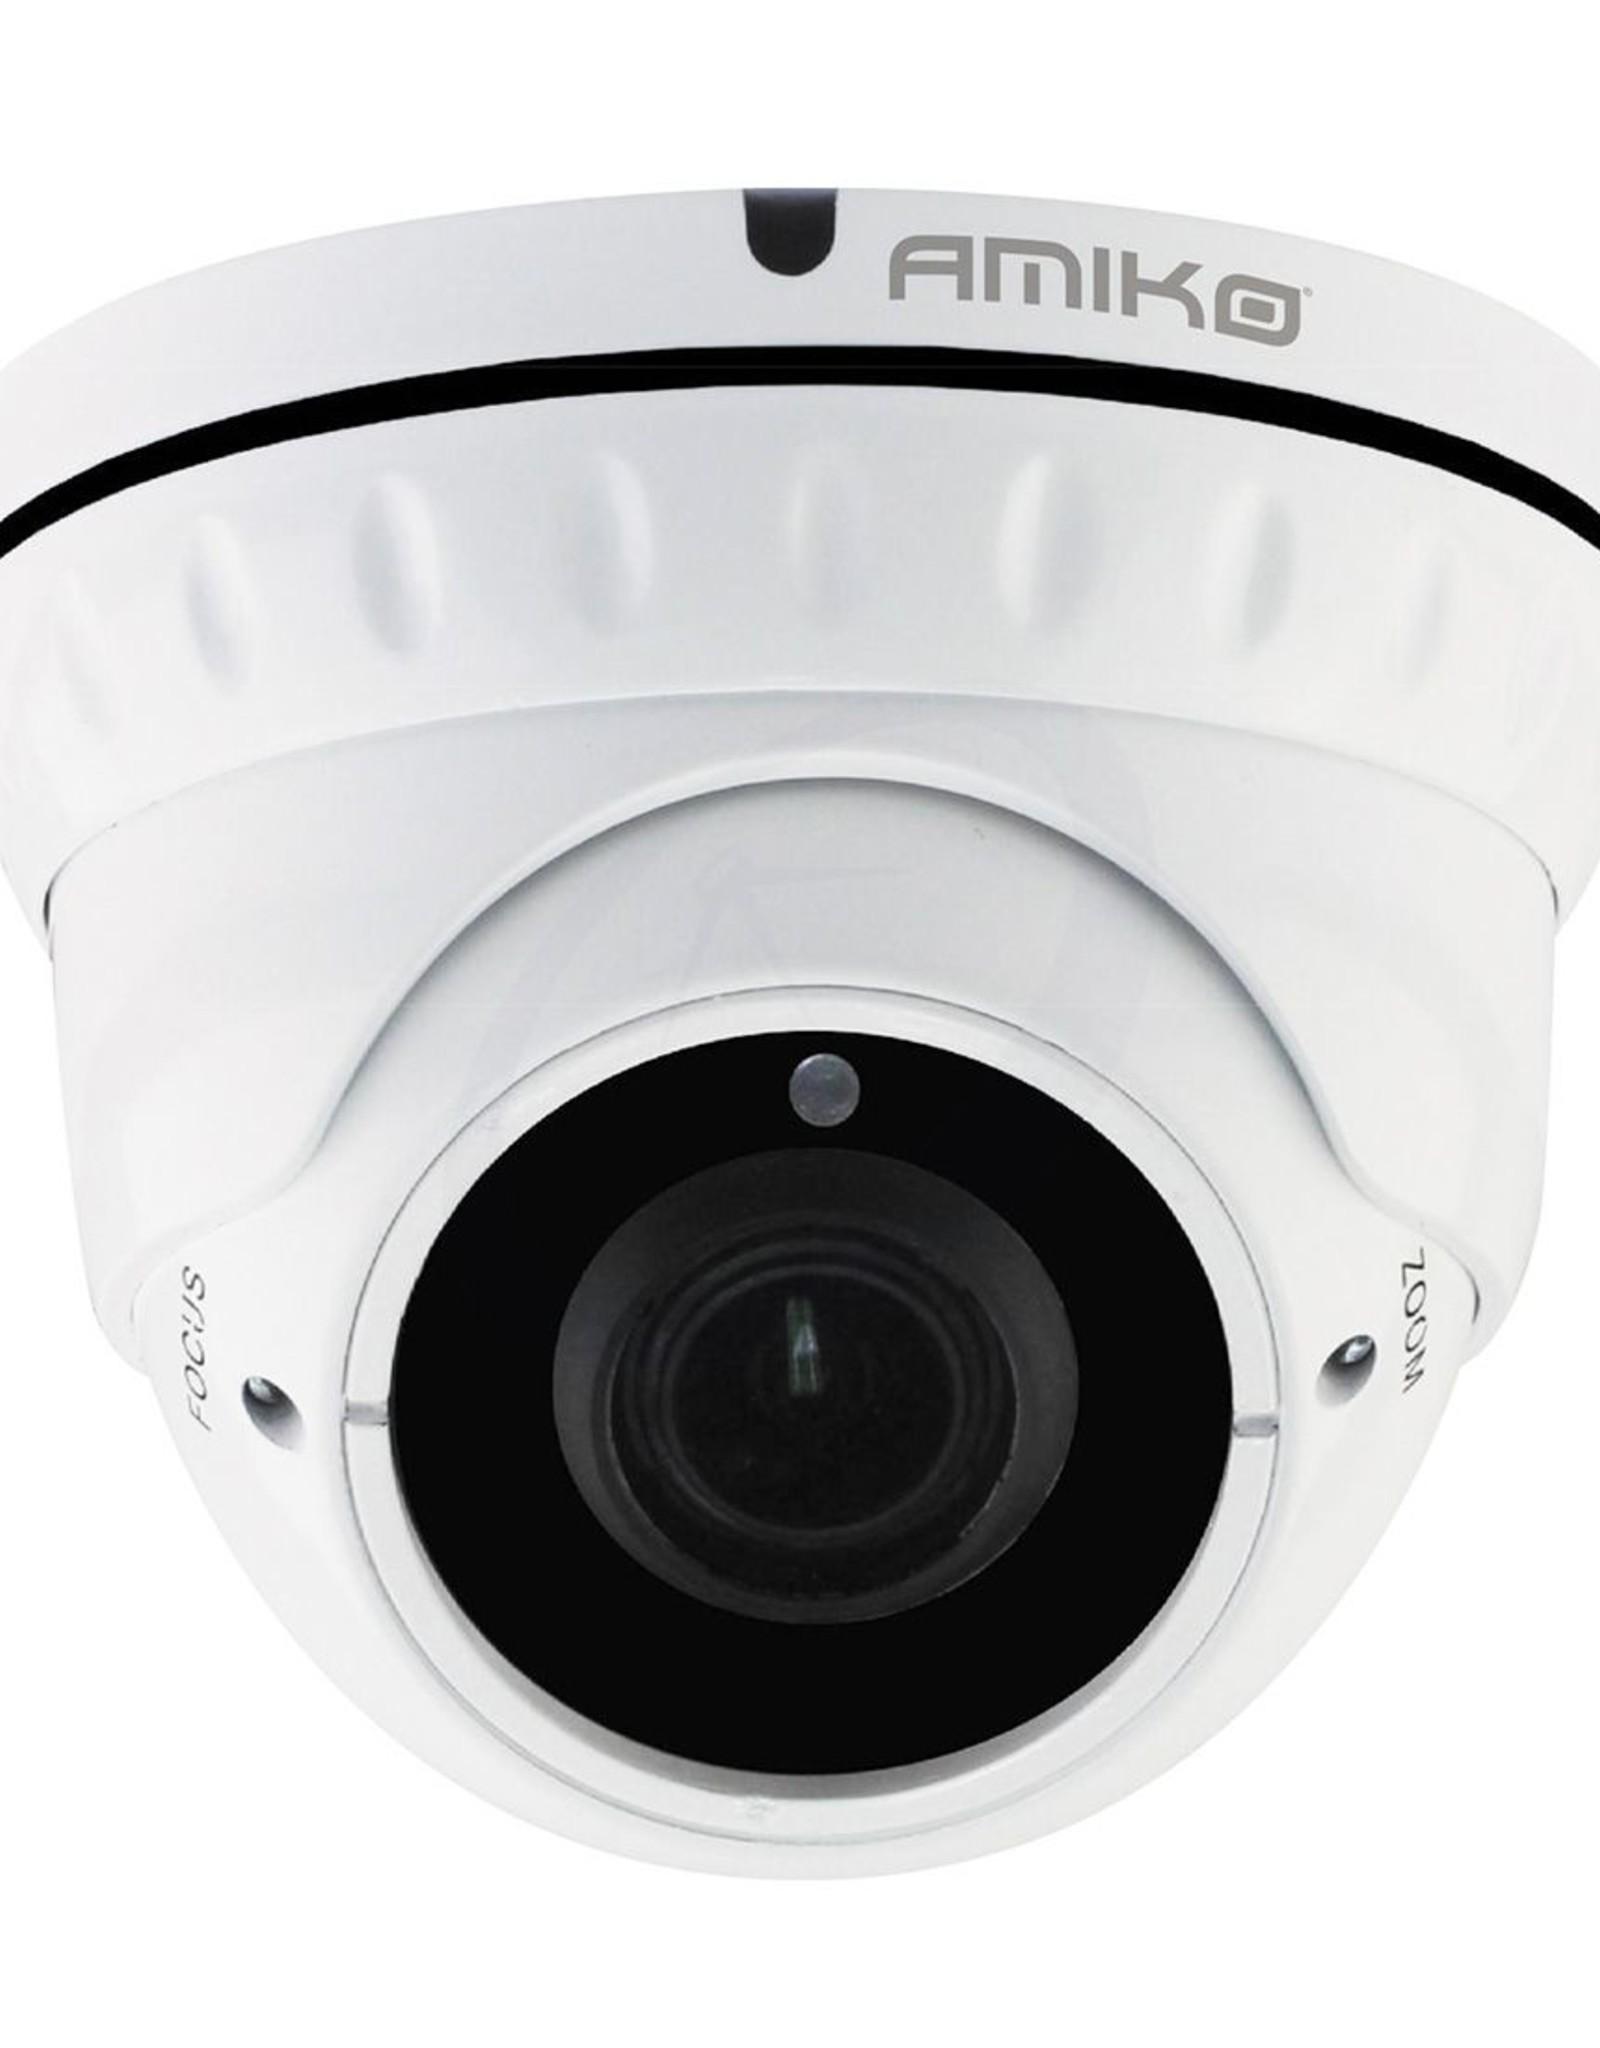 Amiko  AMIKO HOME - IPCAM D20M200 AHD